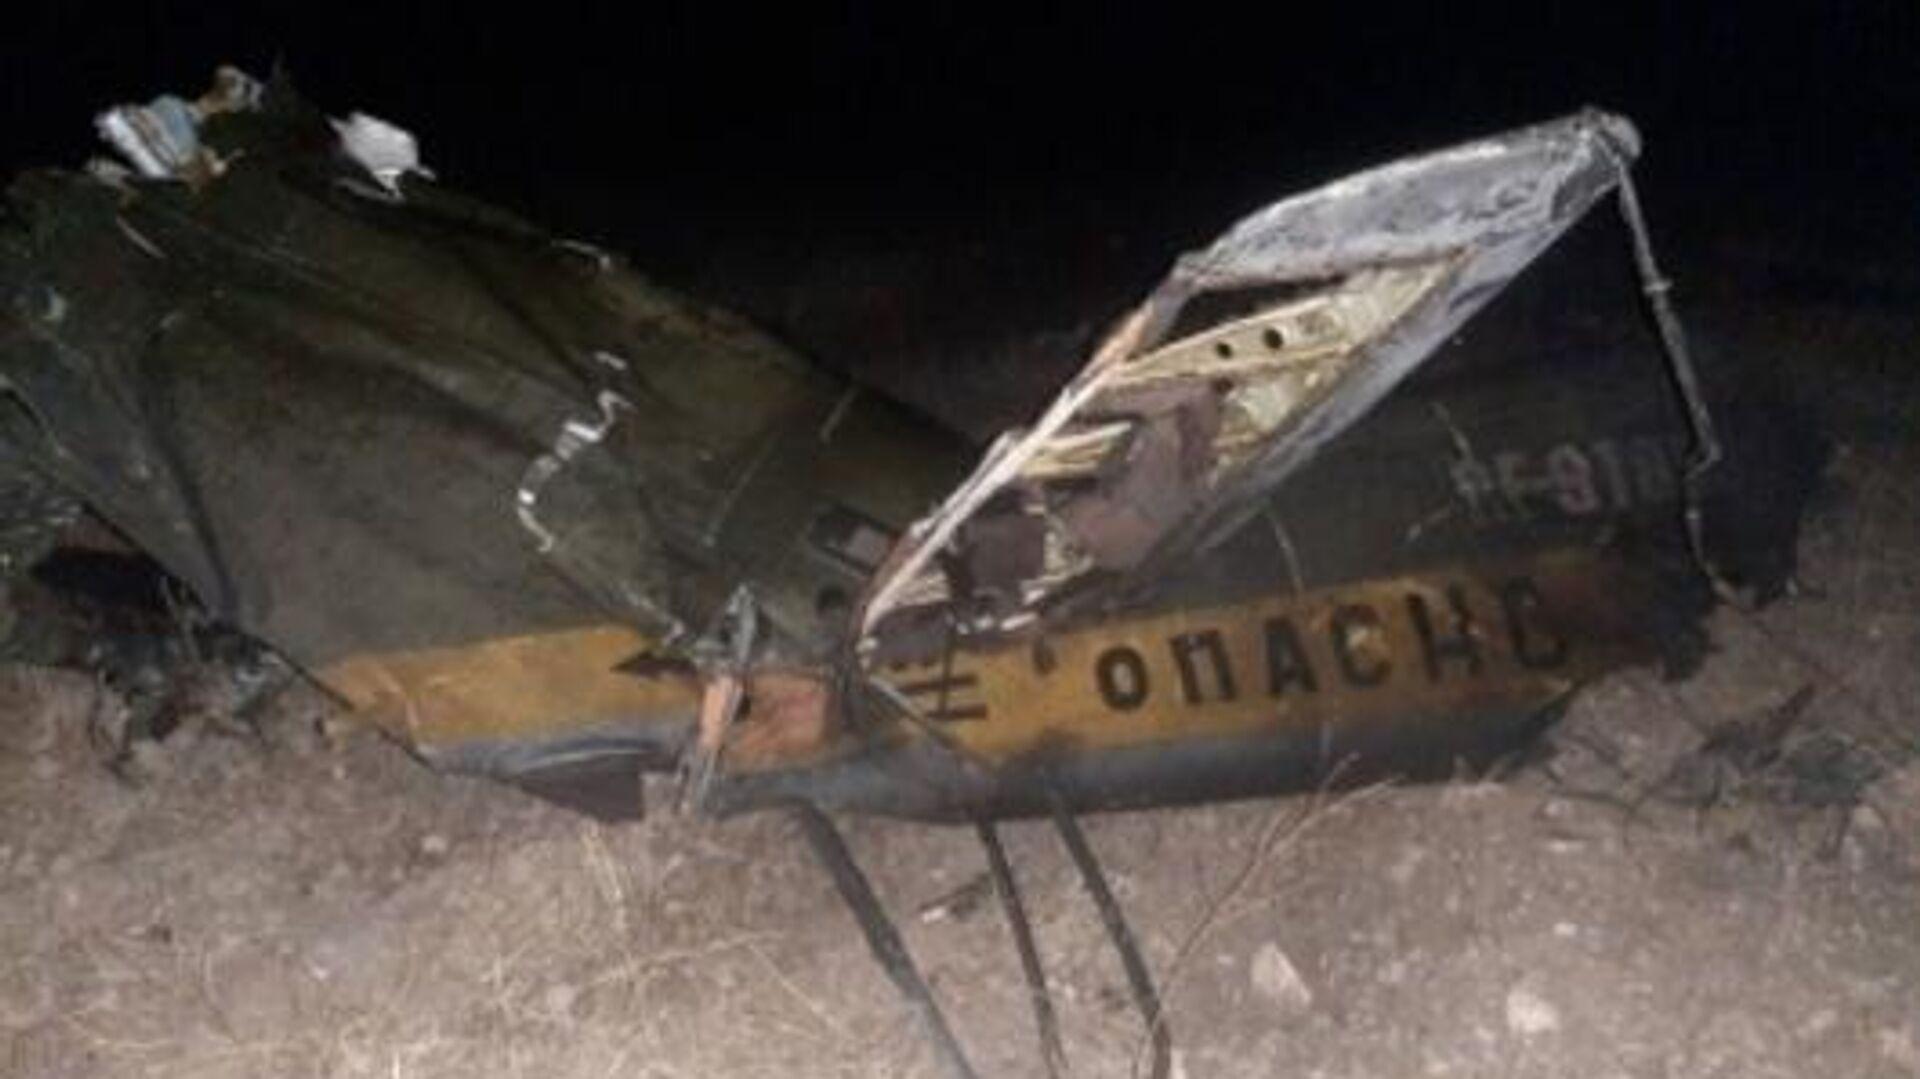 Обломки российского вертолета Ми-24, сбитого в воздушном пространстве над территорией Армении вне зоны боевых действий - РИА Новости, 1920, 12.11.2020